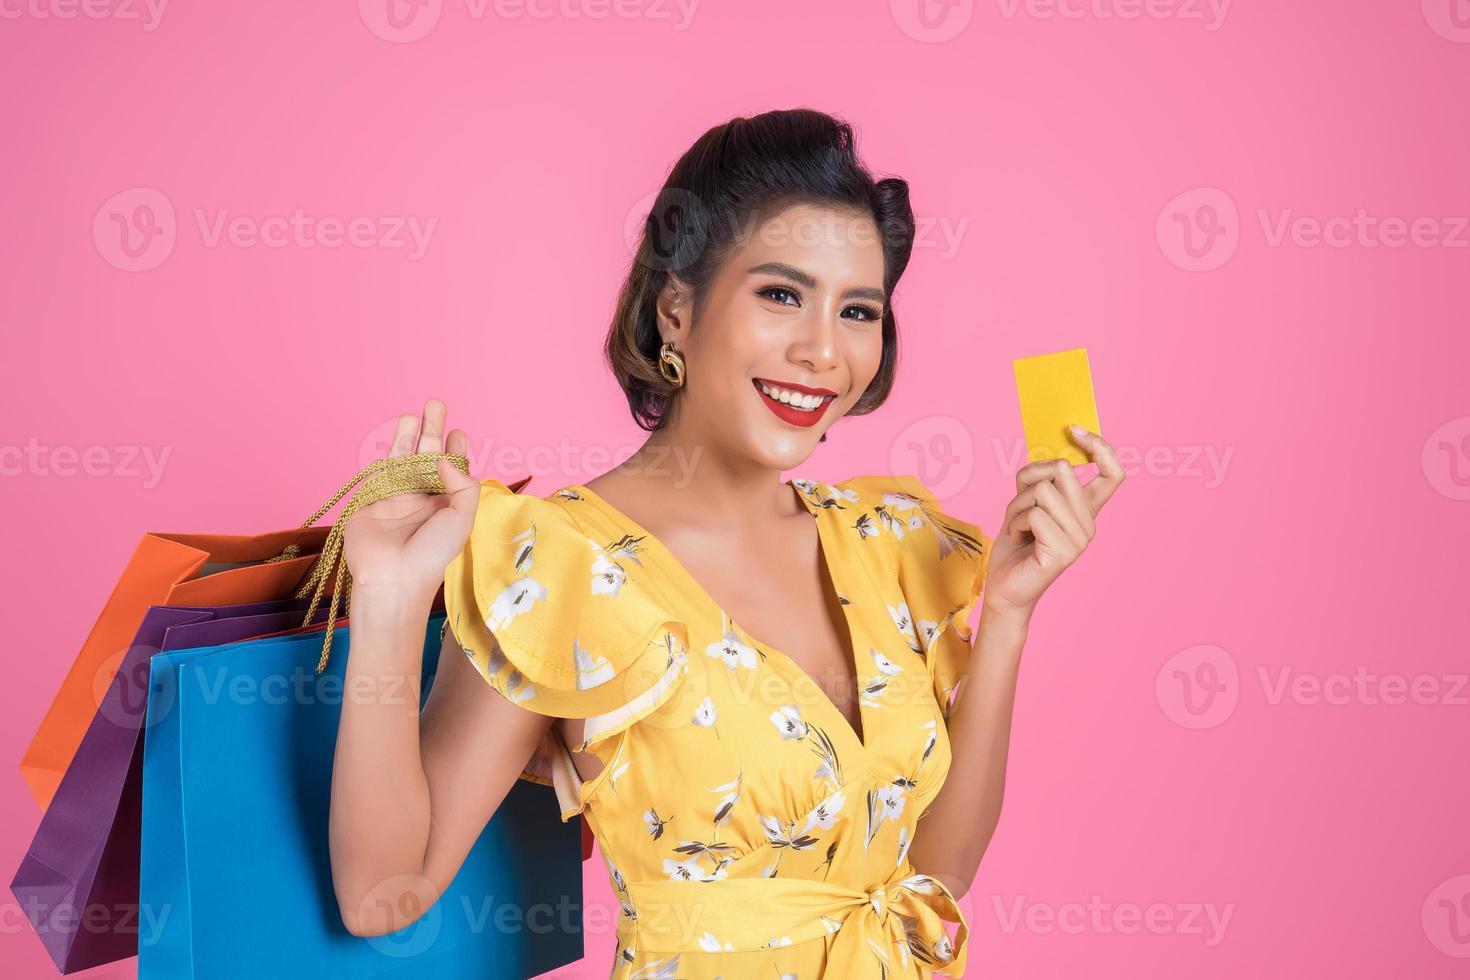 femme à la mode avec sac shopping et carte de crédit photo